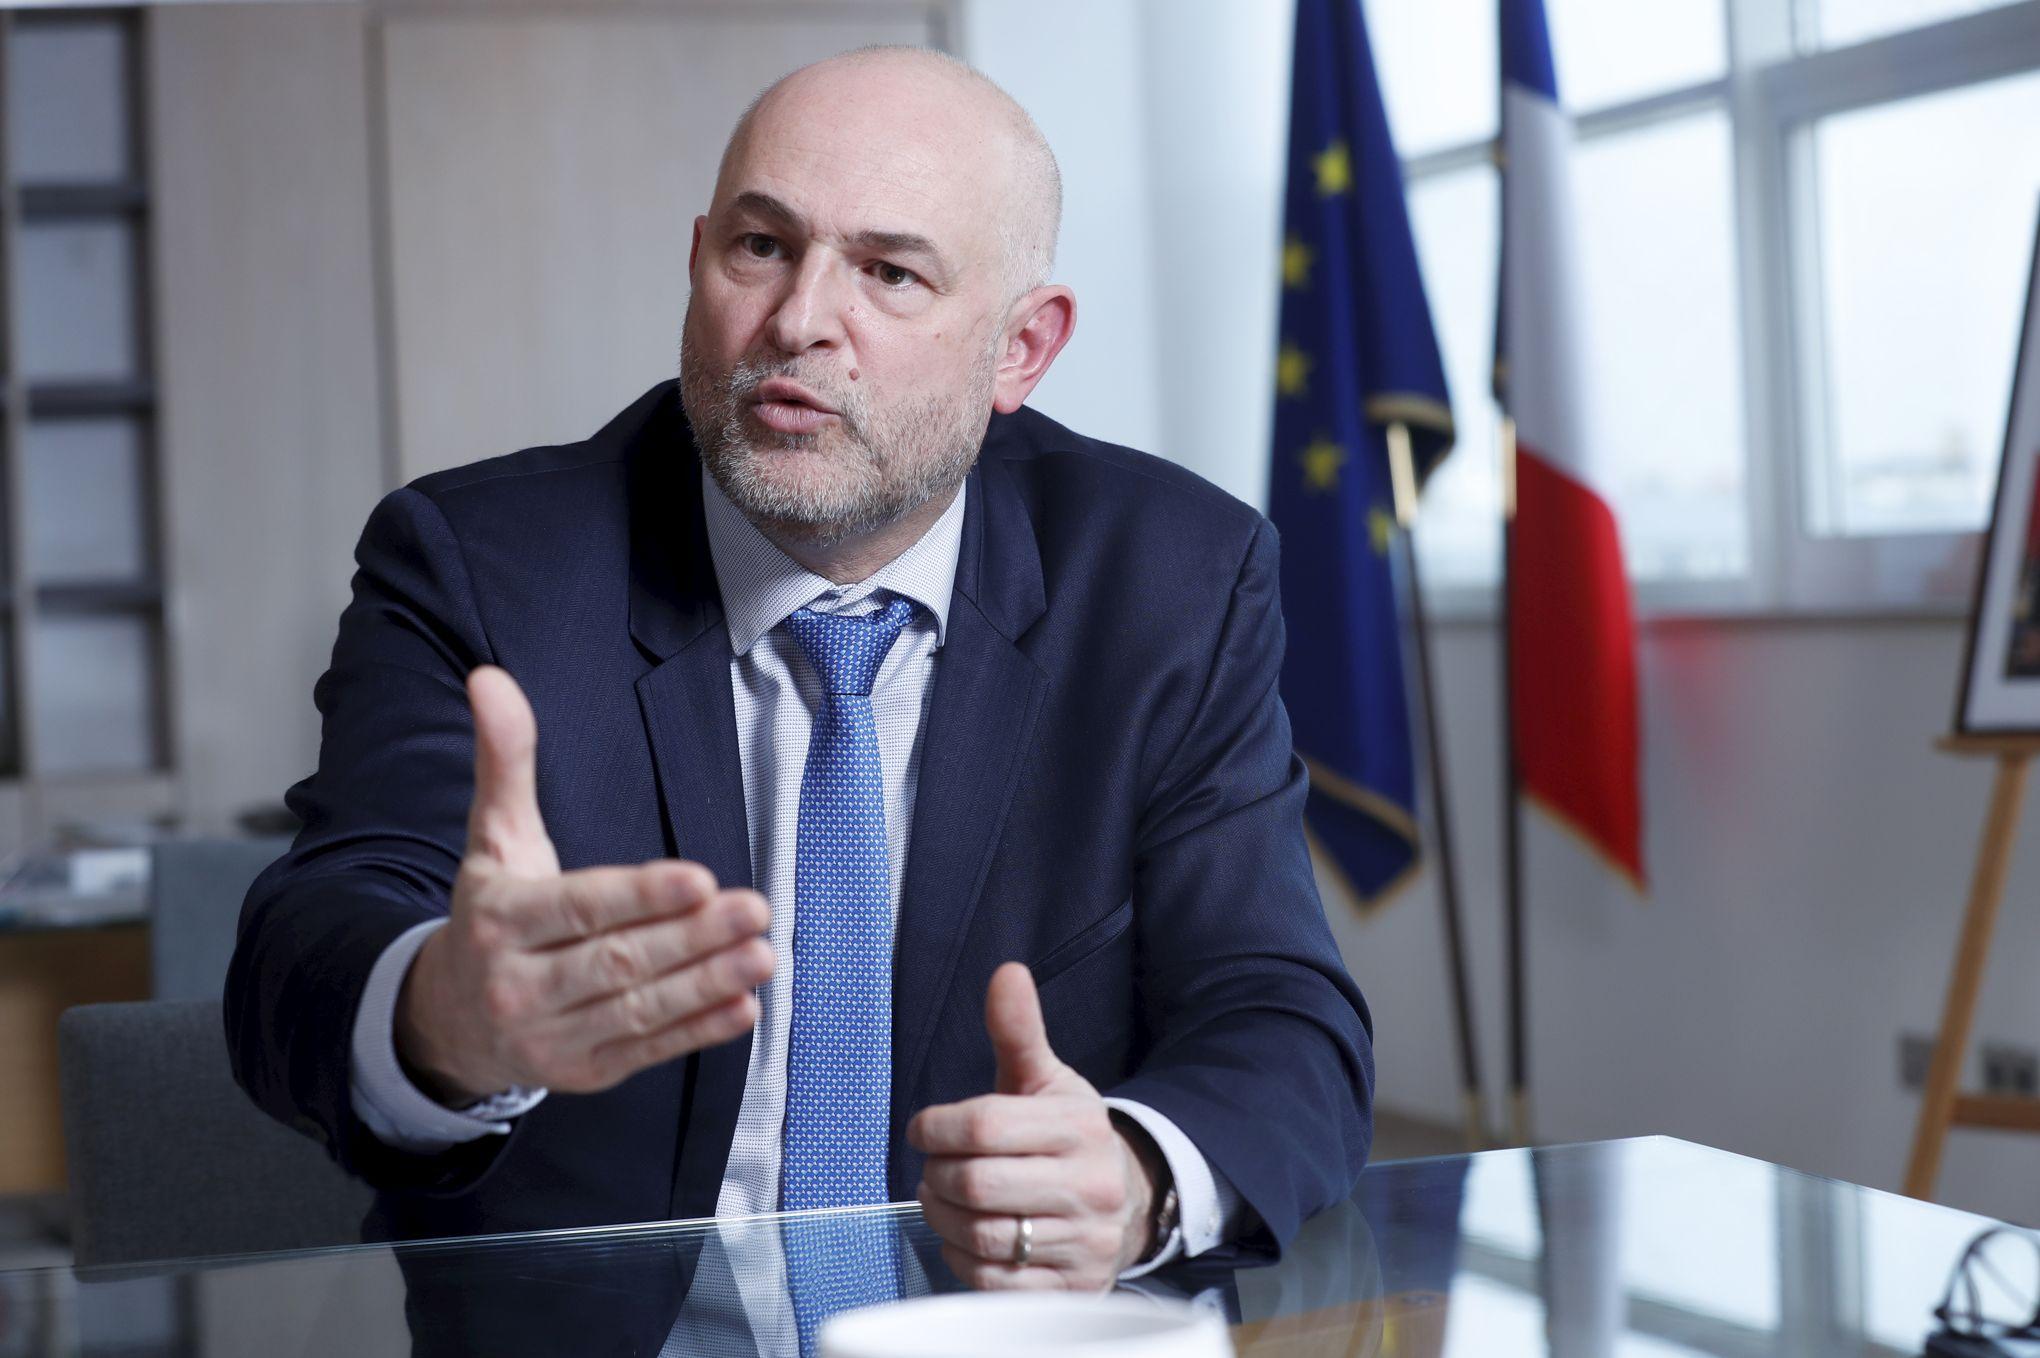 Laurent Pietraszewski: «Les standards ont changé, le système actuel n'est plus adapté aux variations d'emploi»